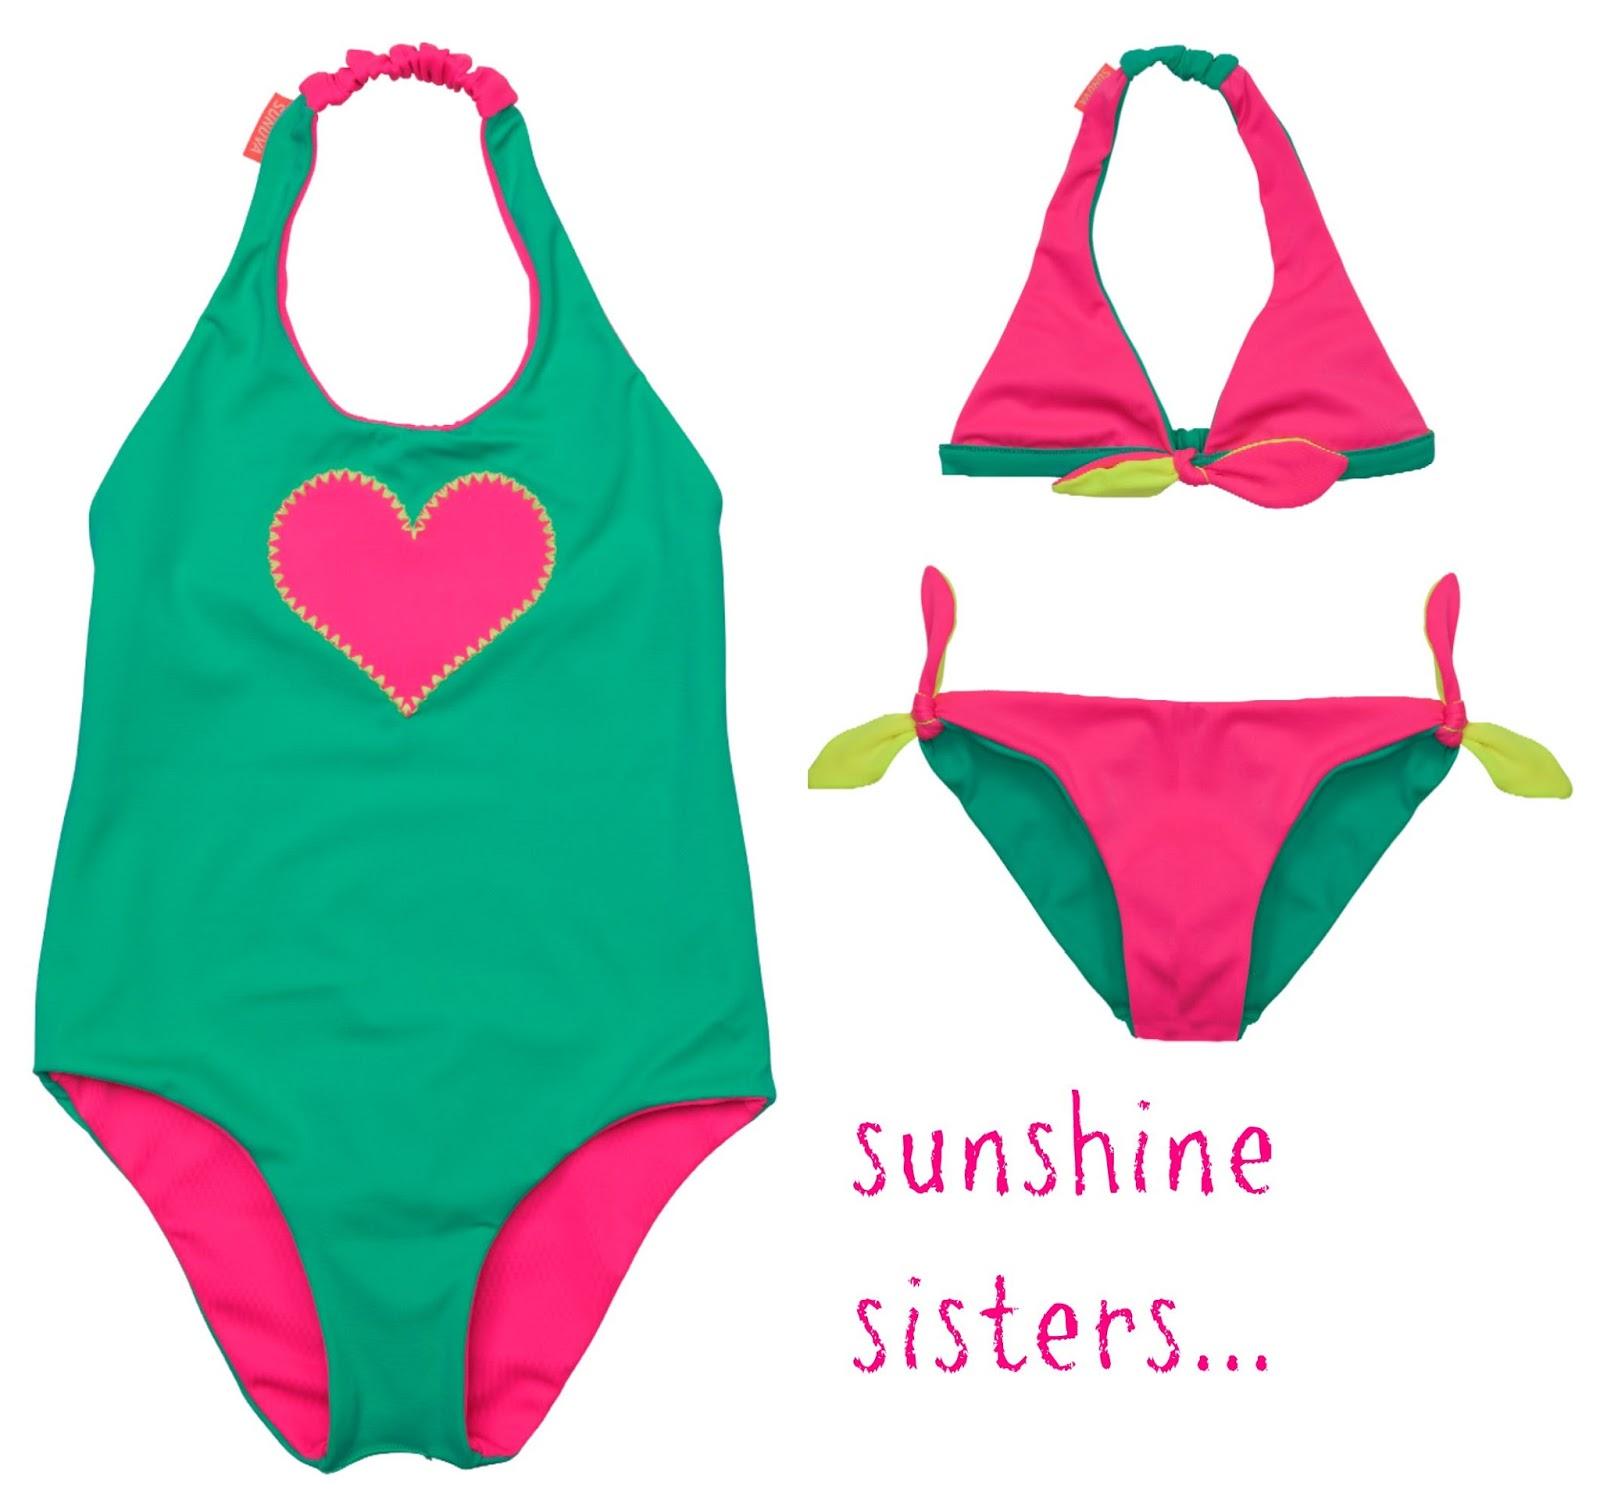 mamasVIB | V. I. BRAND: Summer holiday beach style by Sunuva & £100 voucher giveaway! | sunuva | kids swimwear | stylish swimwear | sunuva UPF 50 + factor swimwear and cover up for kids | stylish beach wear for kids | holiday | holiday style | sunuva giveaway | win £100 | competition |blog | mamasVIB | £100 to win | comp | win | beach style | kaftans | rsh vest | swimwear for children | baby swimwear | beach looks | baby floating swimsuits